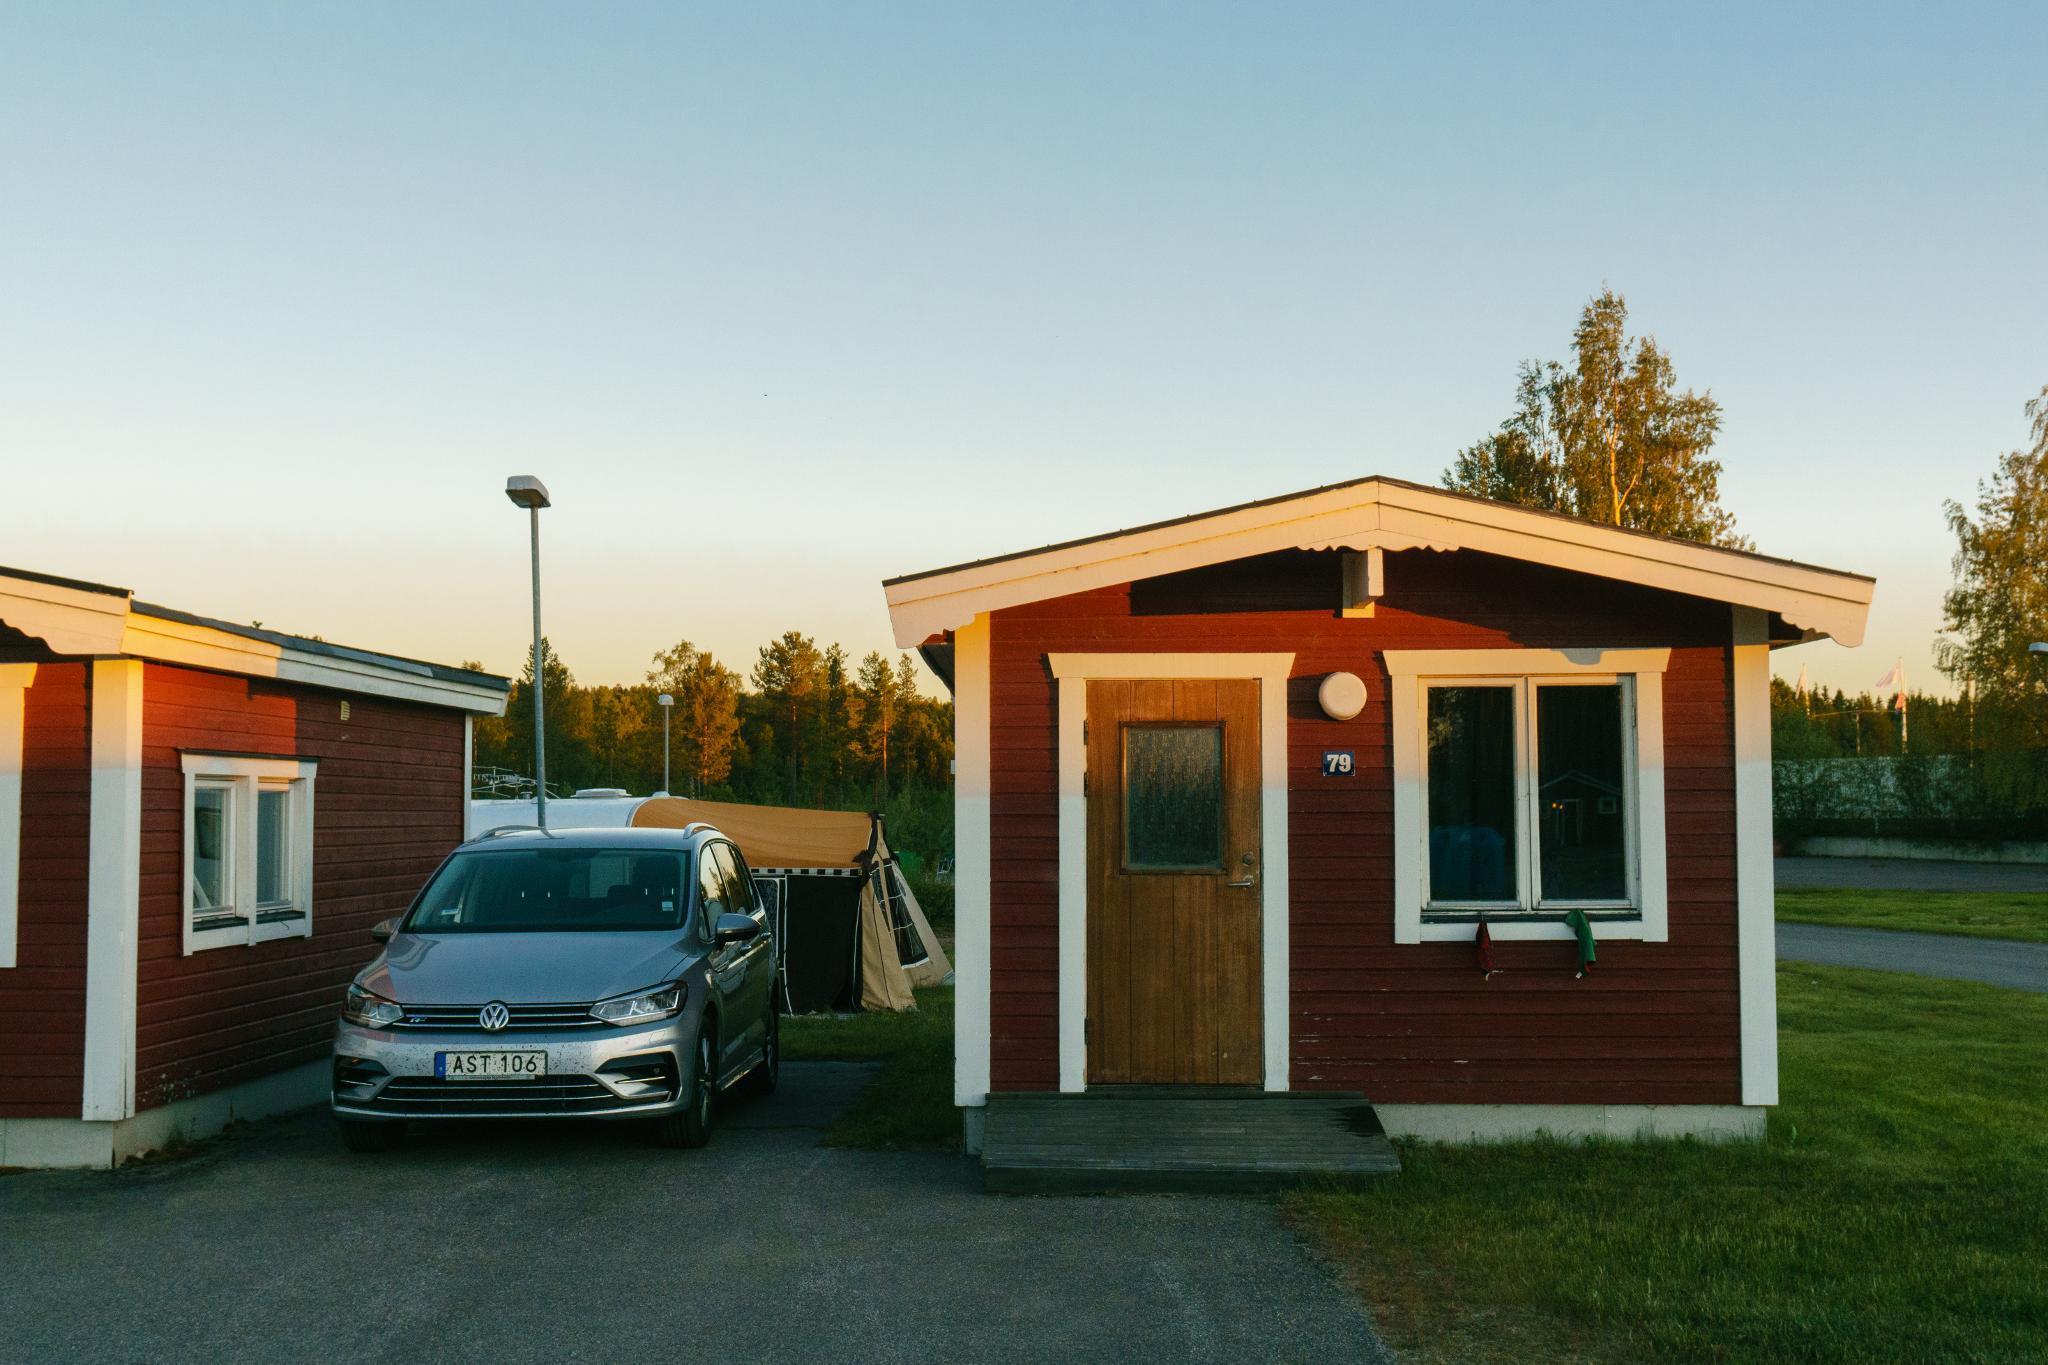 【北歐露營】北極荒野的推薦度假村 — 瑞典阿爾耶普魯格 Kraja 酒店 54